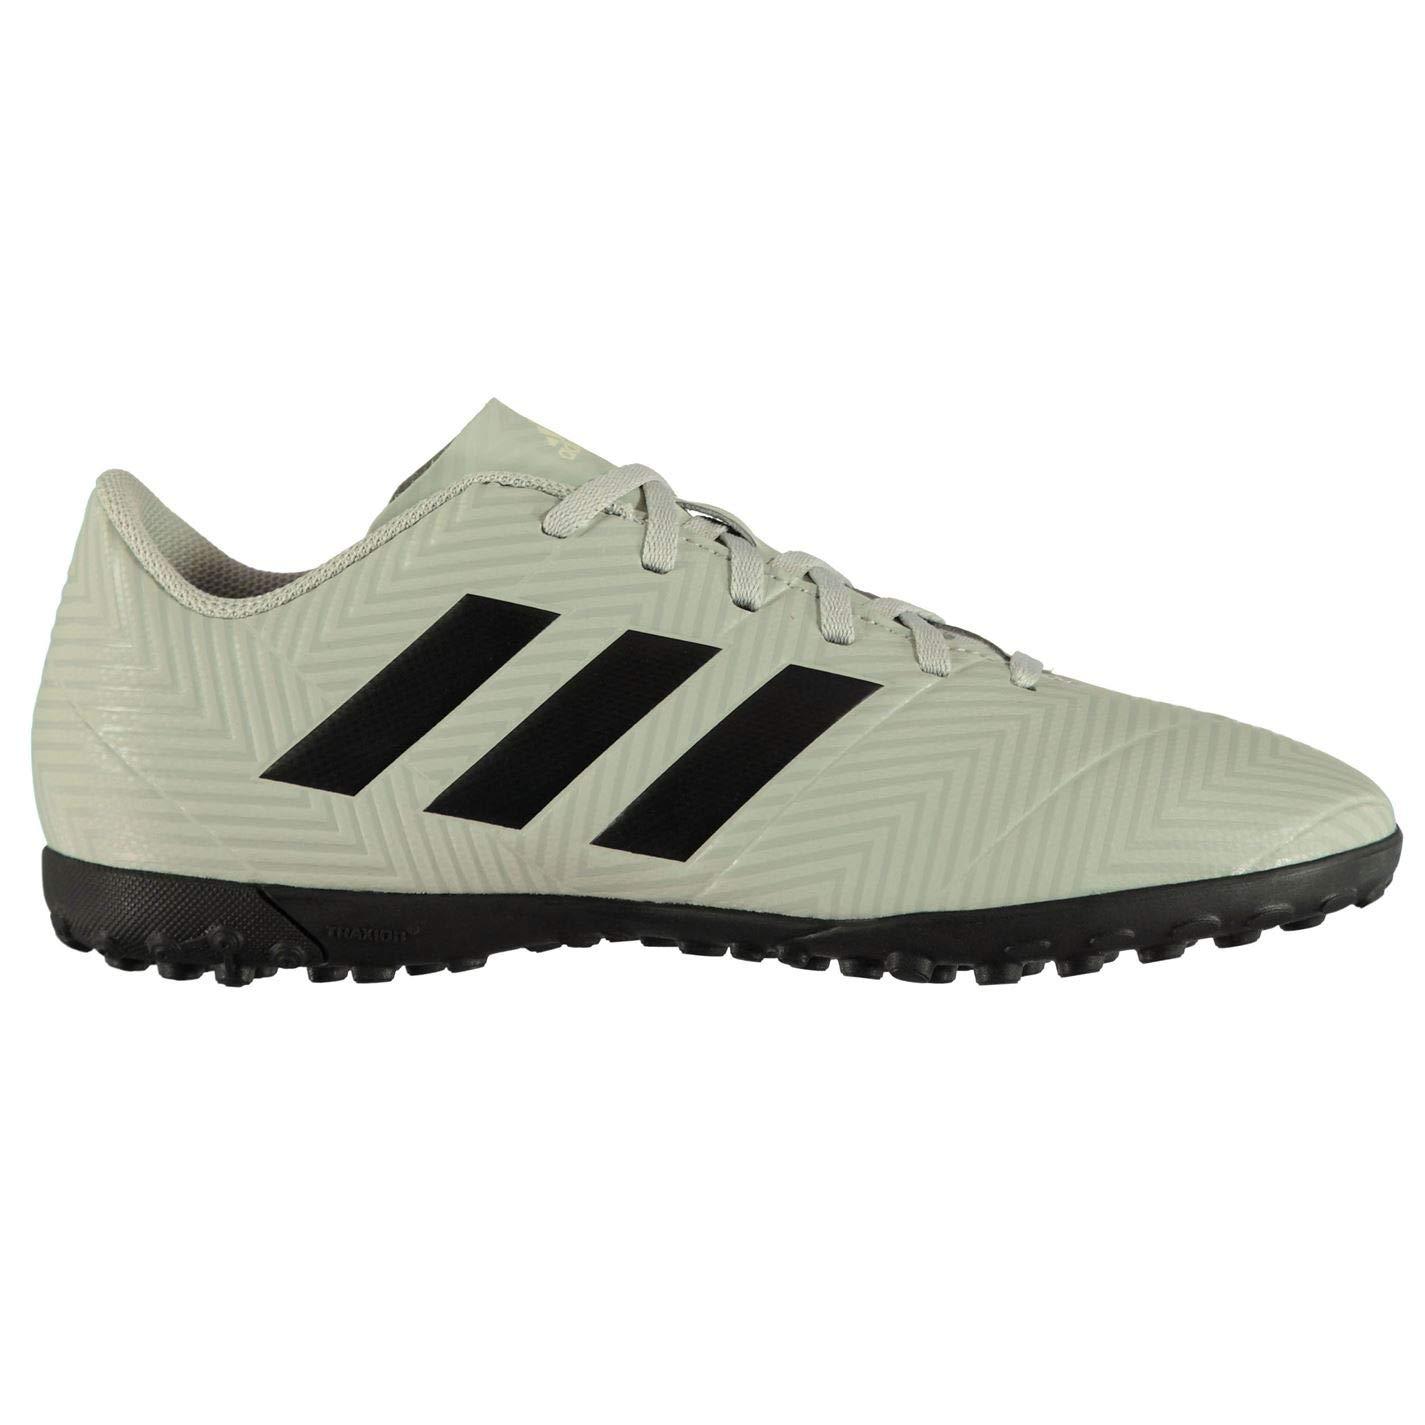 Adidas Herren Nemeziz Tango 18.4 Tf Fußballschuhe, blau